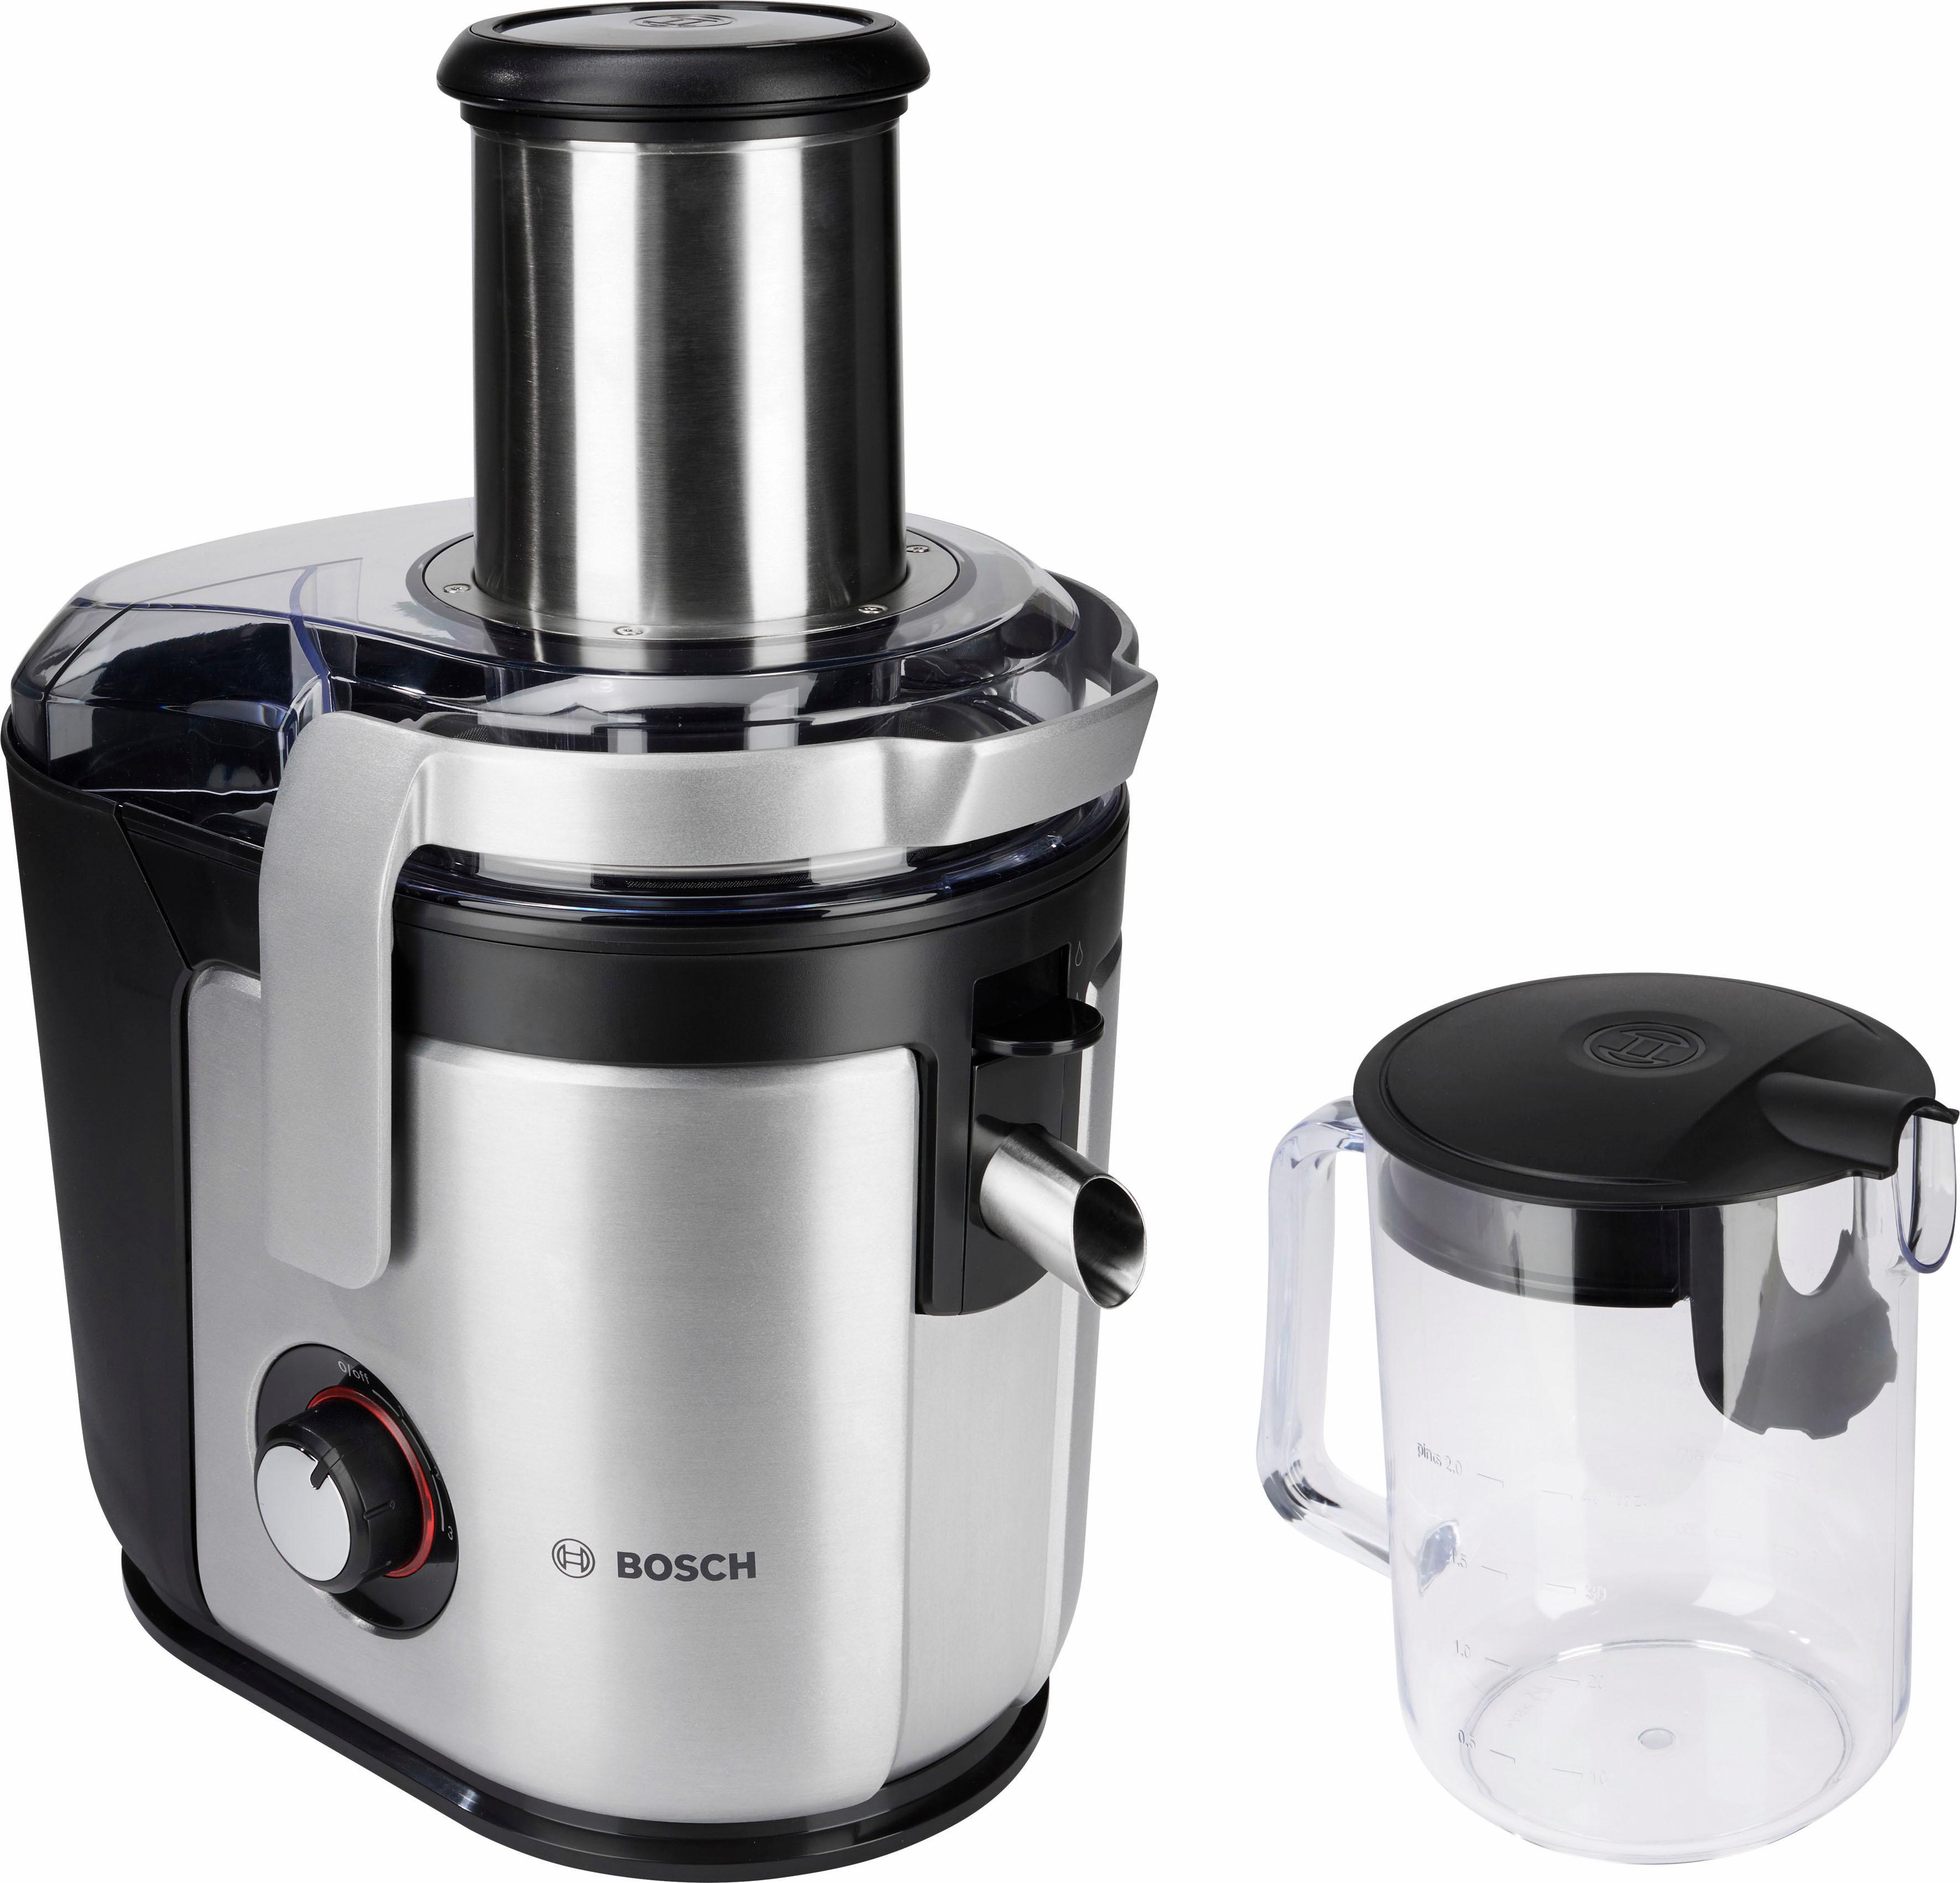 BOSCH Entsafter MES4010 1200 Watt   Küche und Esszimmer > Küchengeräte > Entsafter   Schwarz   Bosch